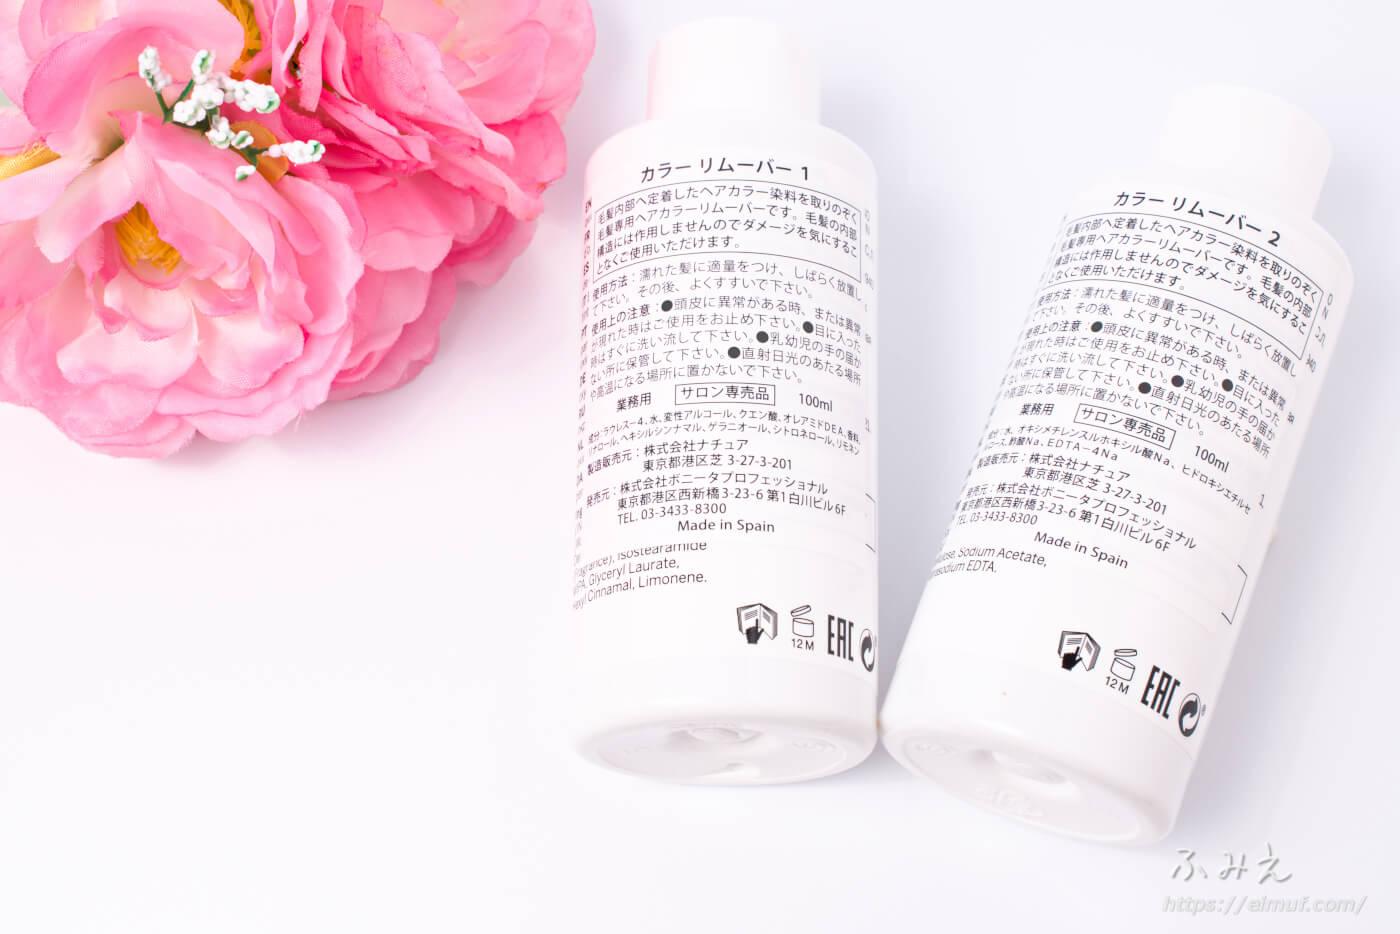 レブロン レブロニッシモ カラーリムーバー 1剤と2剤の裏面